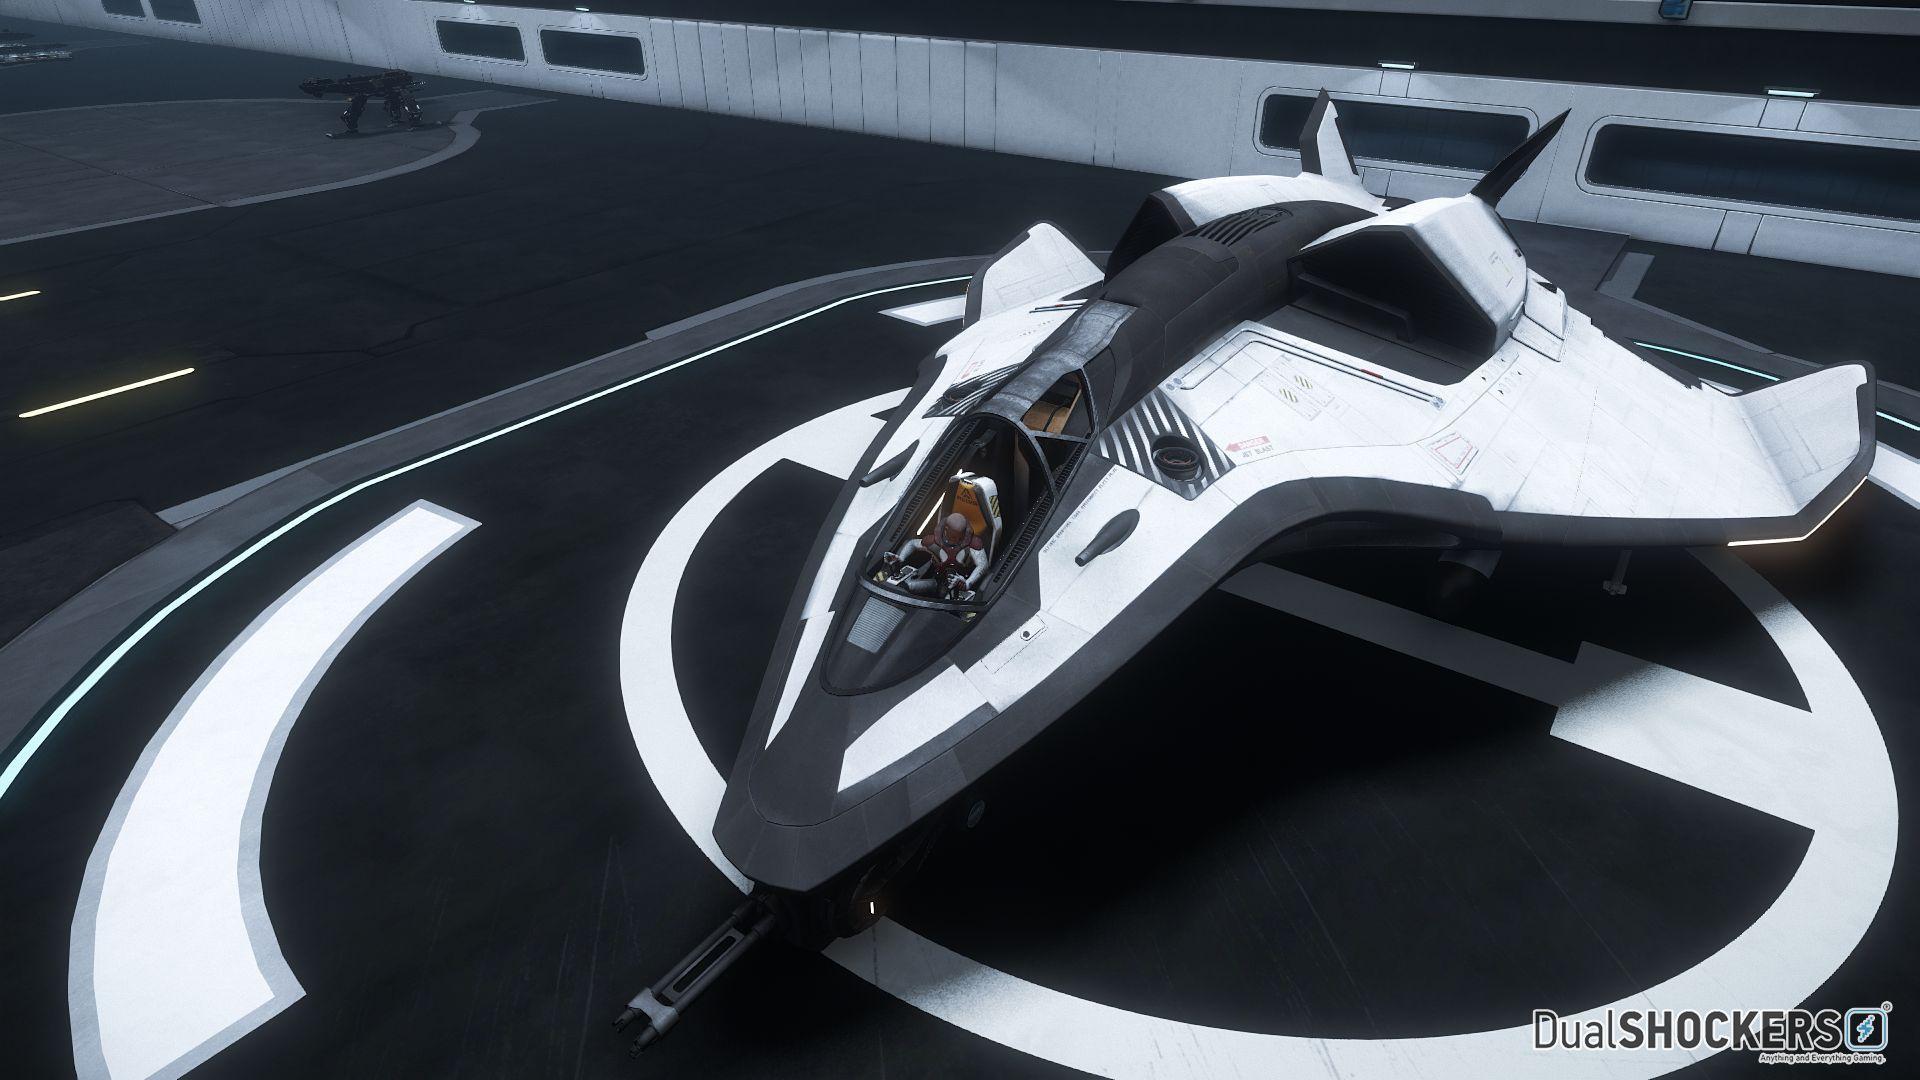 ¿Cómo se llama esta nave y quién la hace? (Normal)